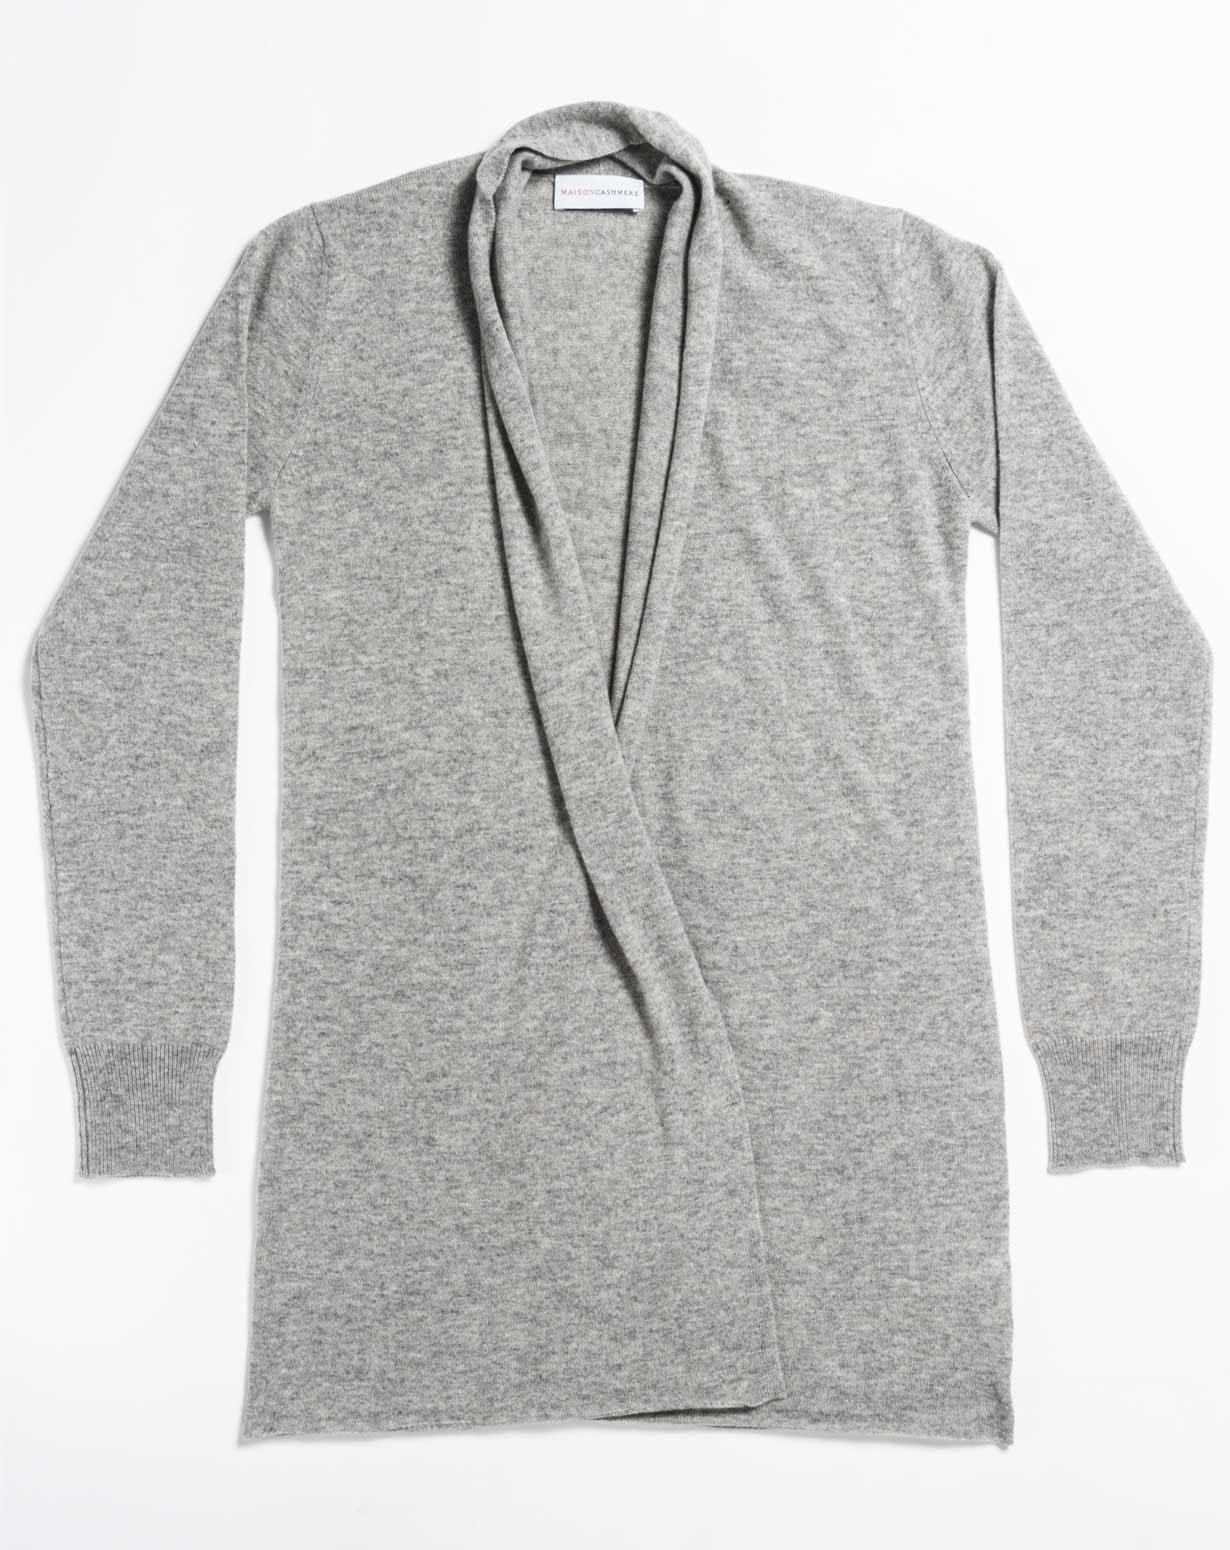 Women's Plus Size Open Cardigan | MaisonCashmere